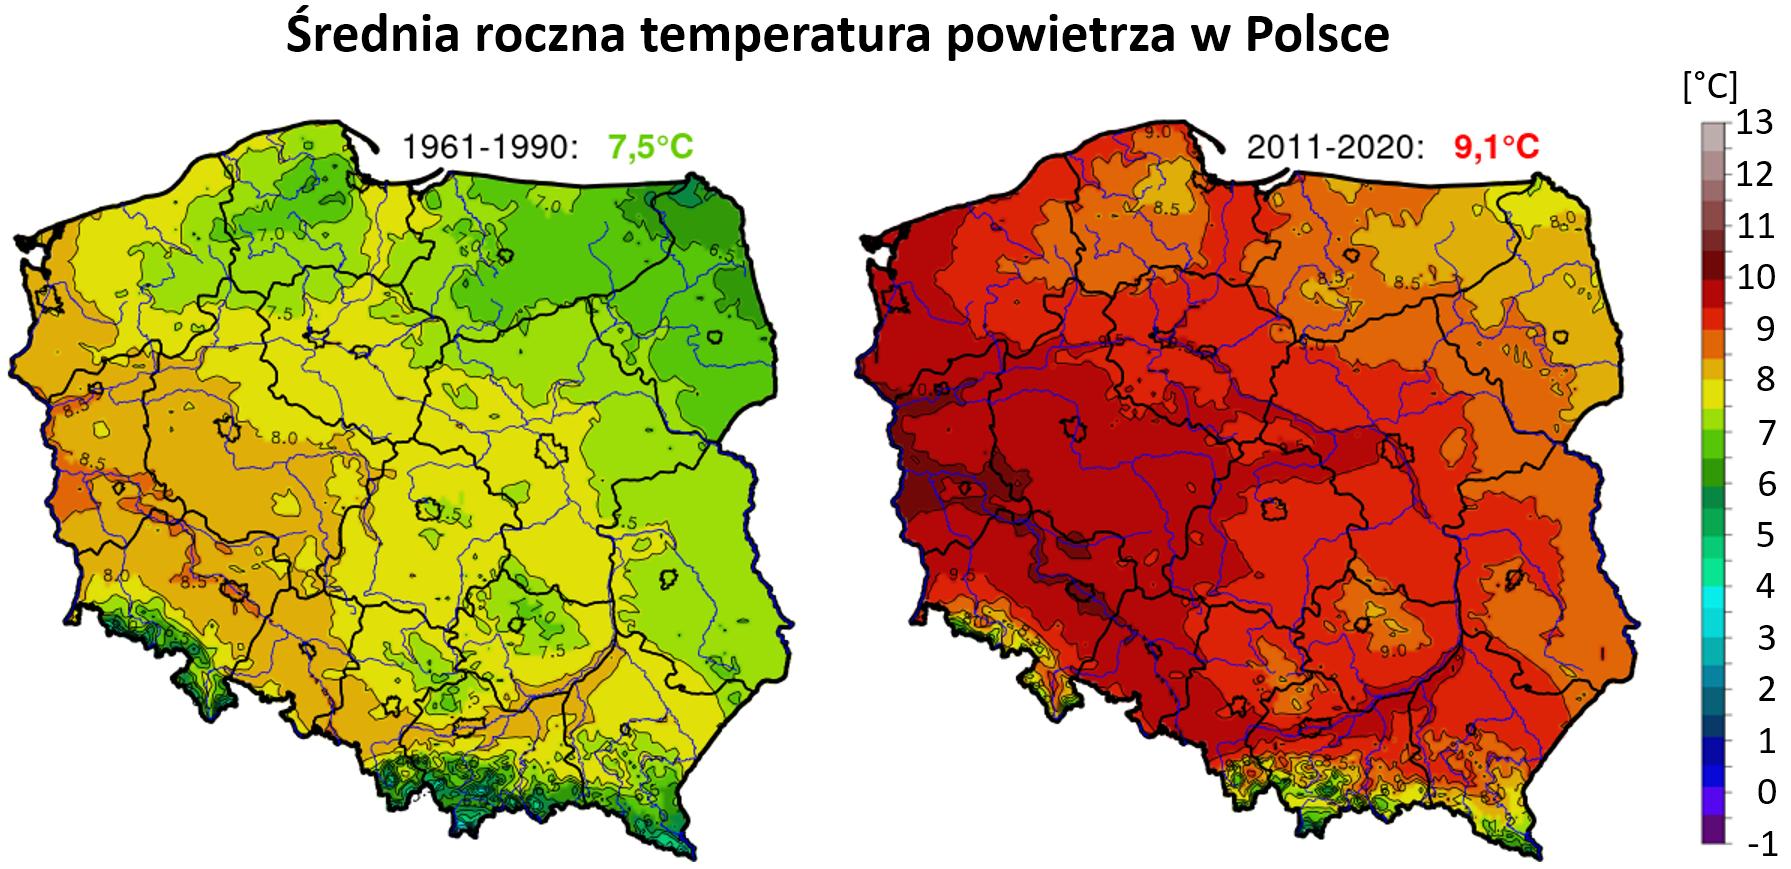 Mapy: średnia temperatura roczna w Polsce w okresie 1961-1990 i 2011-2020